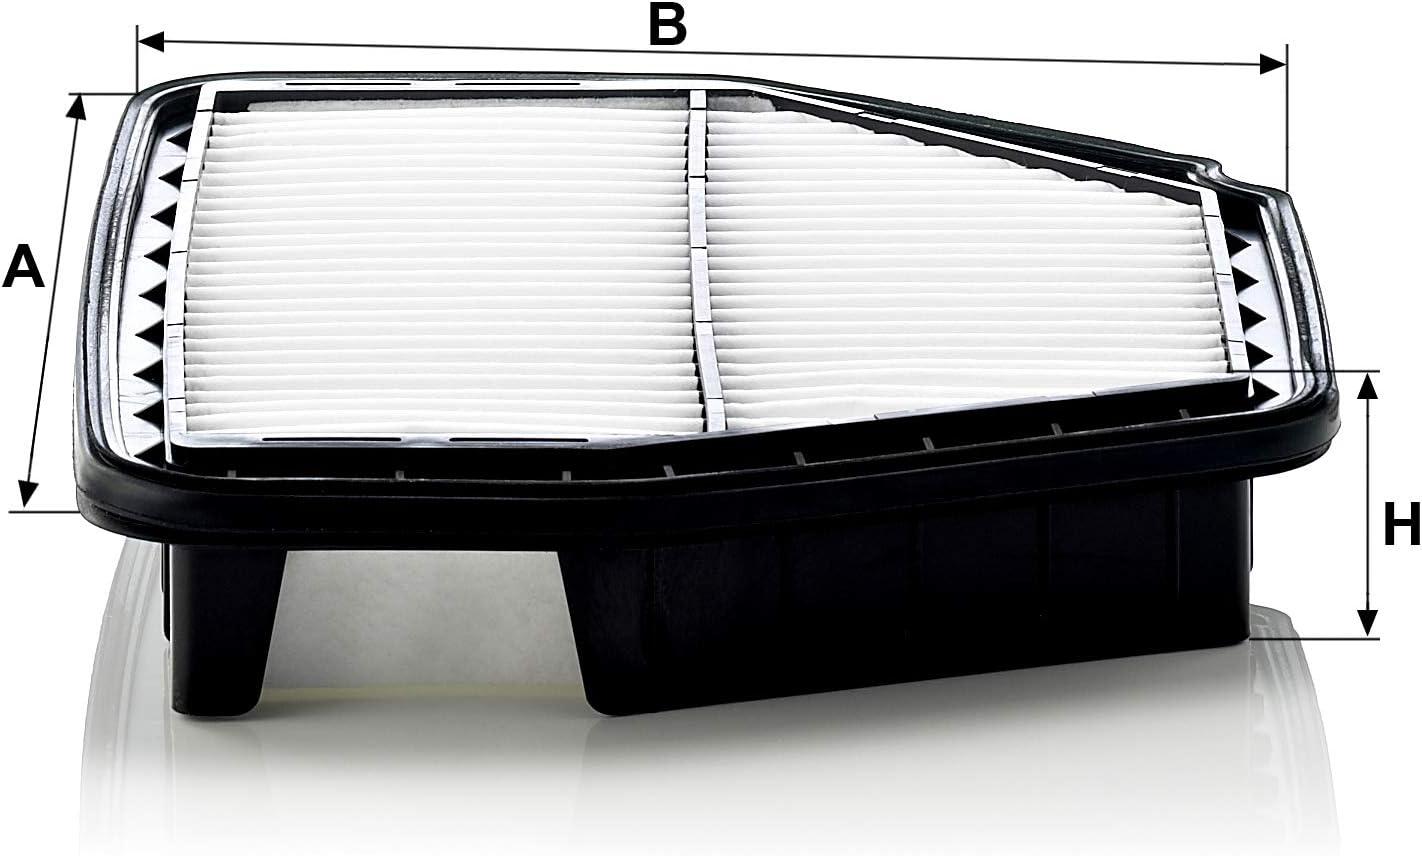 Original Mann Filter Luftfilter C 29 008 Für Pkw Auto